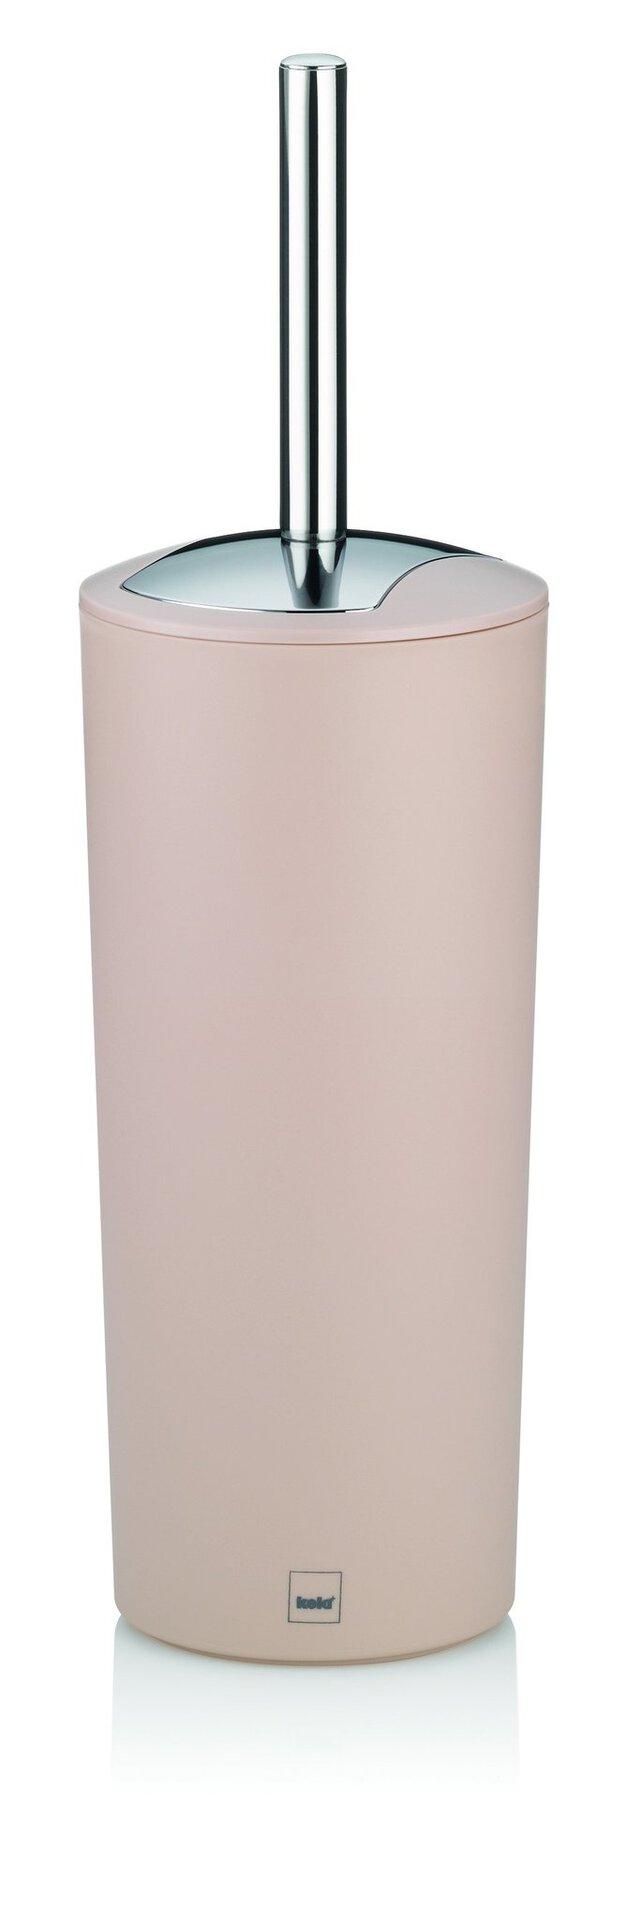 WC-Bürstengarnitur Marta Kela Kunststoff